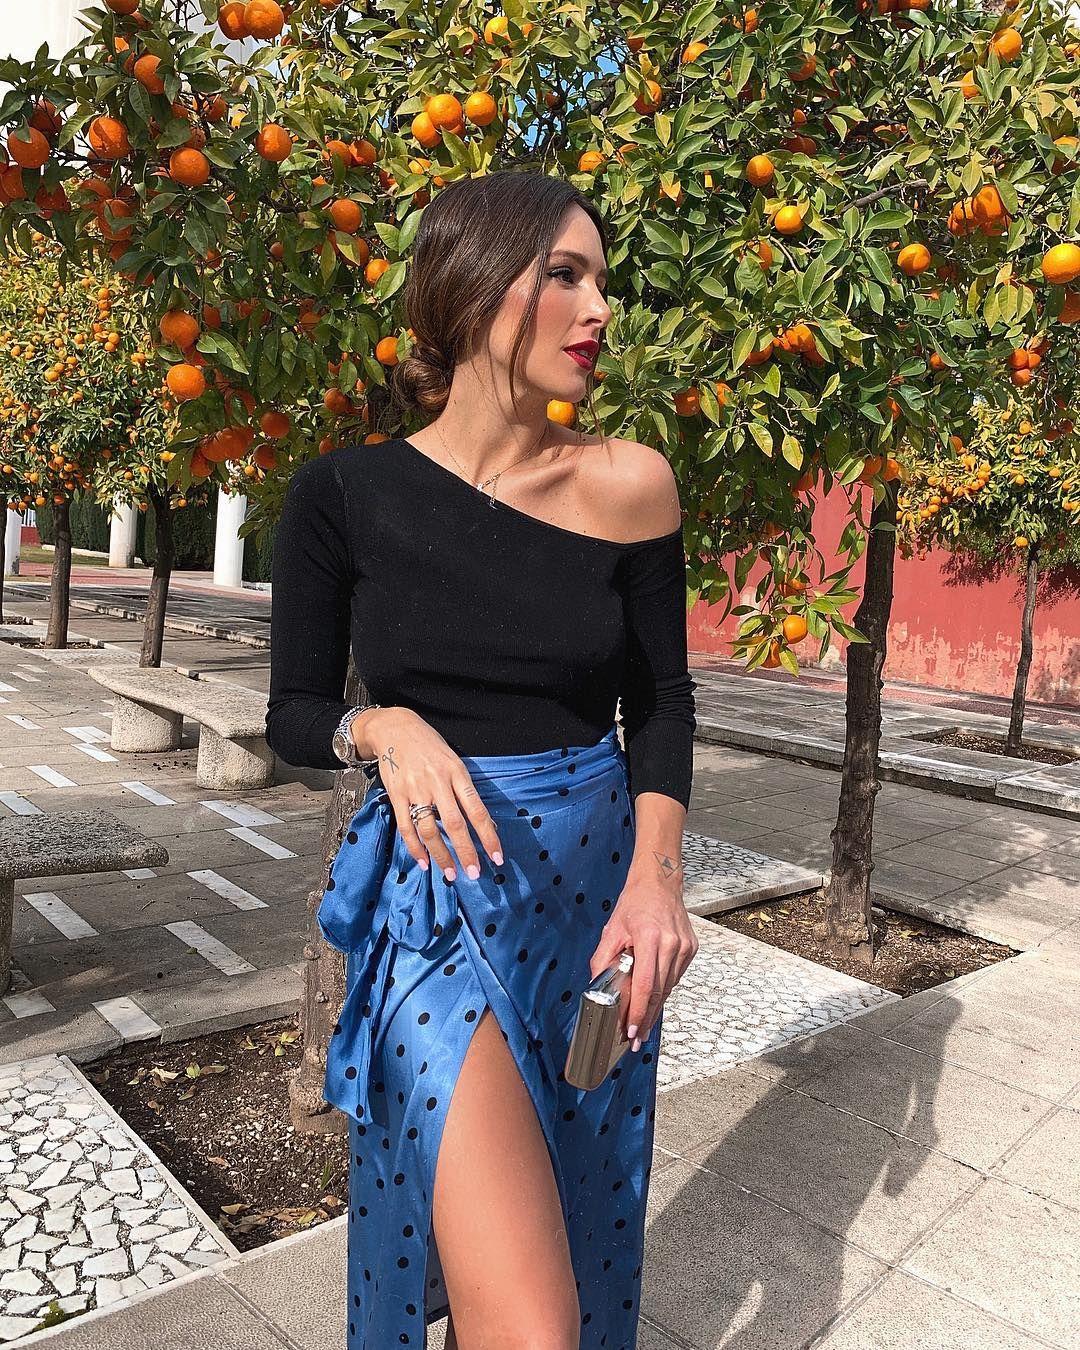 Año Ya Prenda Zara Tiene Este Primera La Falda De Viral Su F4Uw6